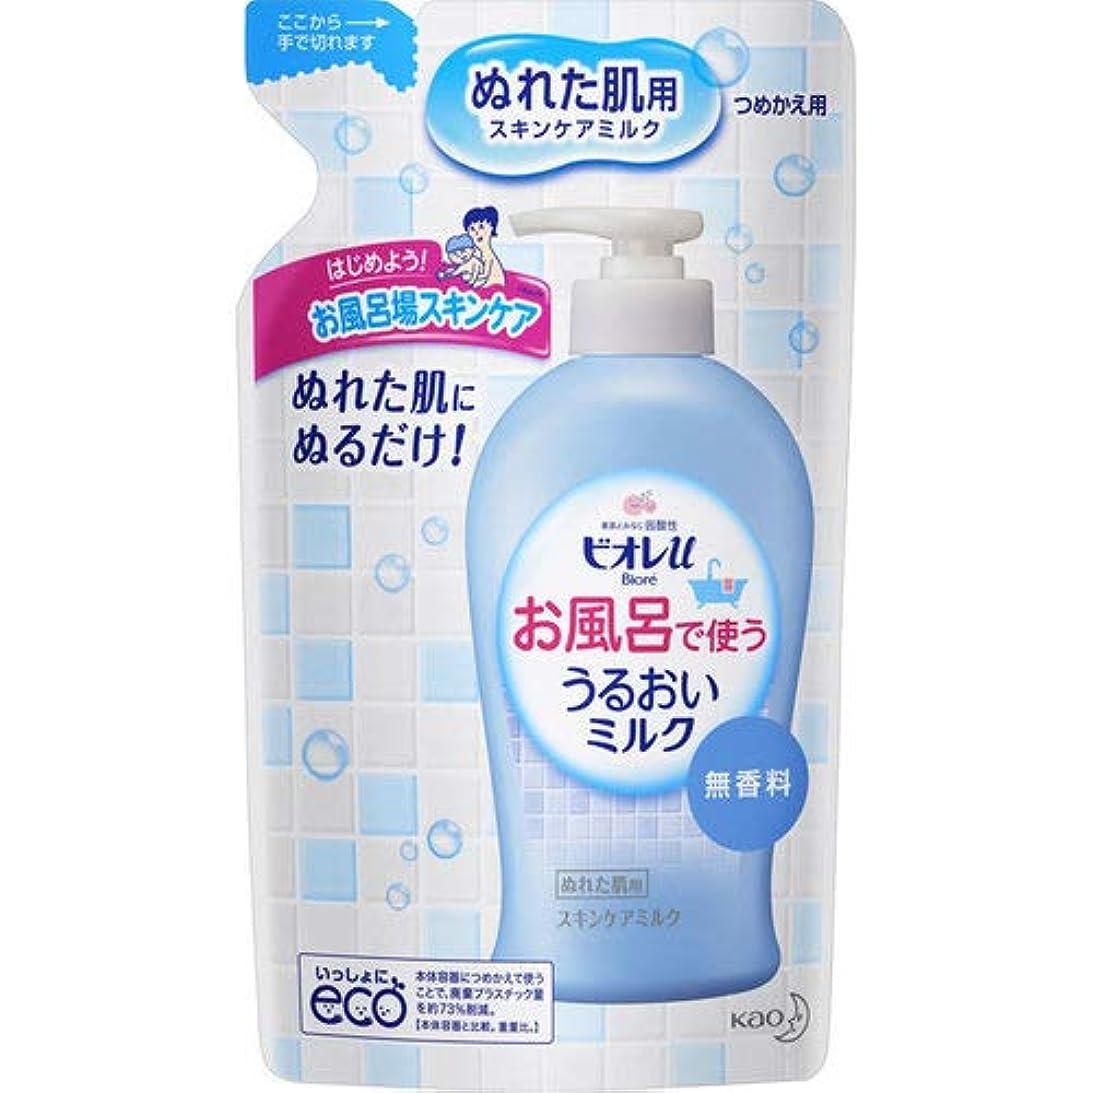 肘心臓フレッシュビオレu お風呂で使ううるおいミルク 無香料 つめかえ用 250mL